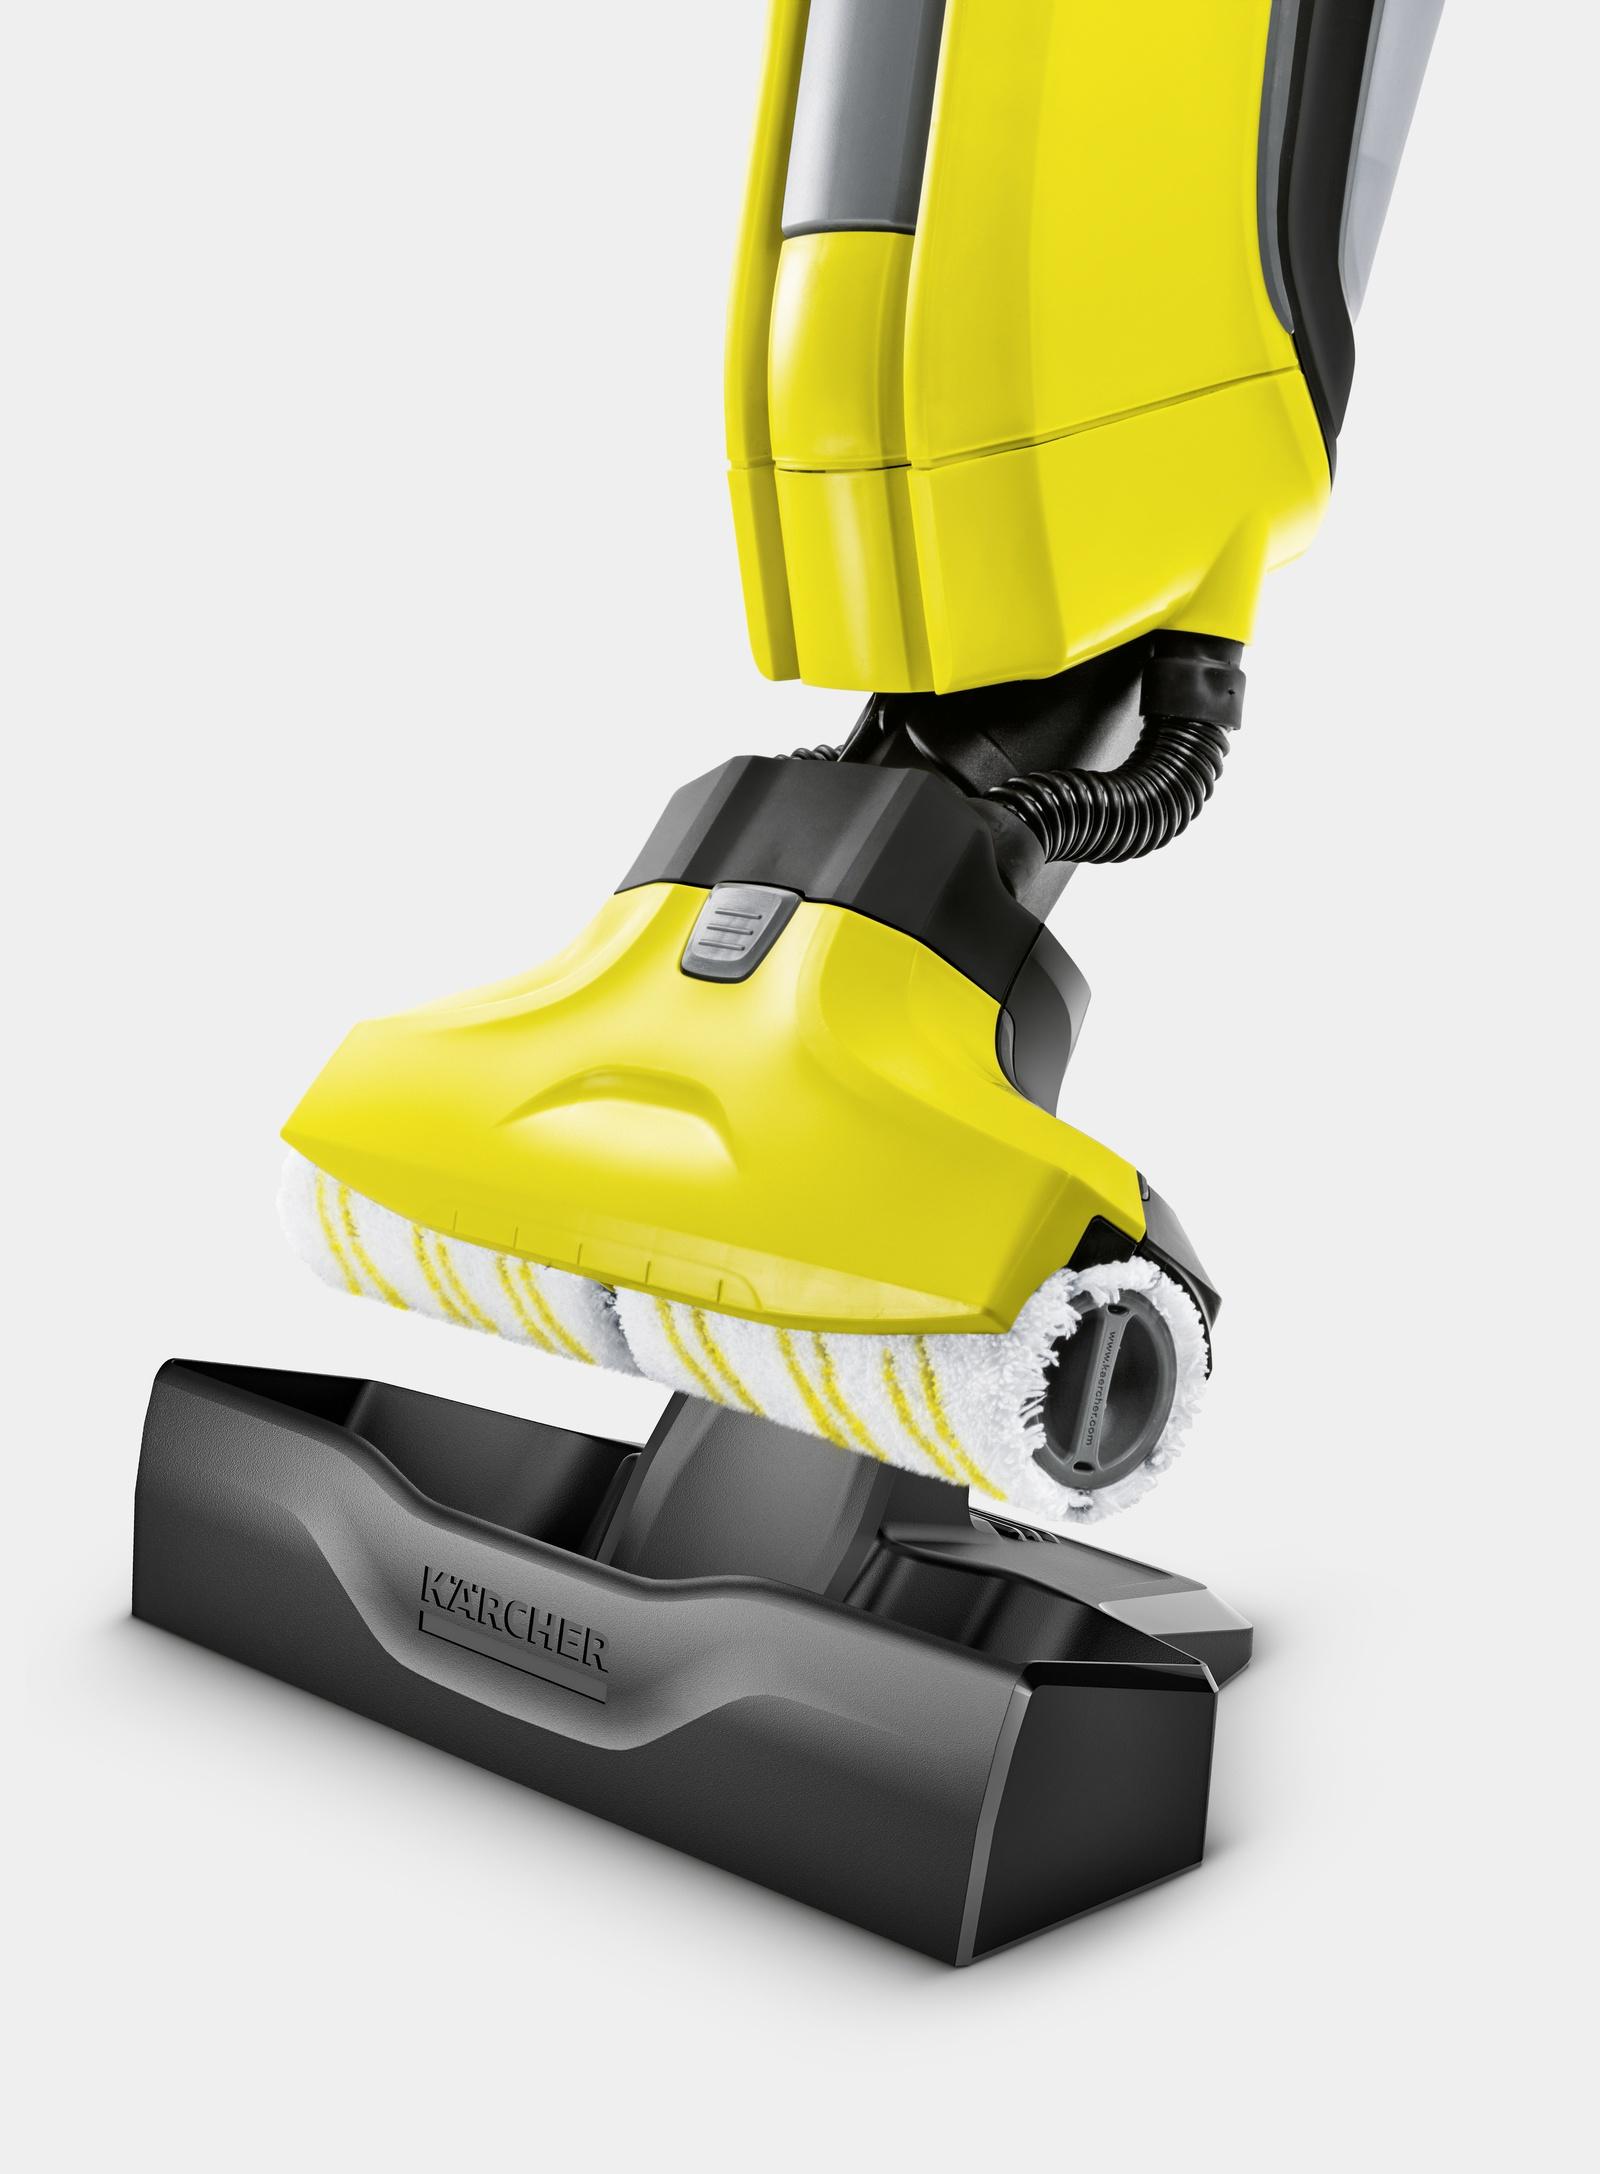 K 228 Rcher Fc 5 Hard Floor Cleaner 1 055 507 0 K 228 Rcher